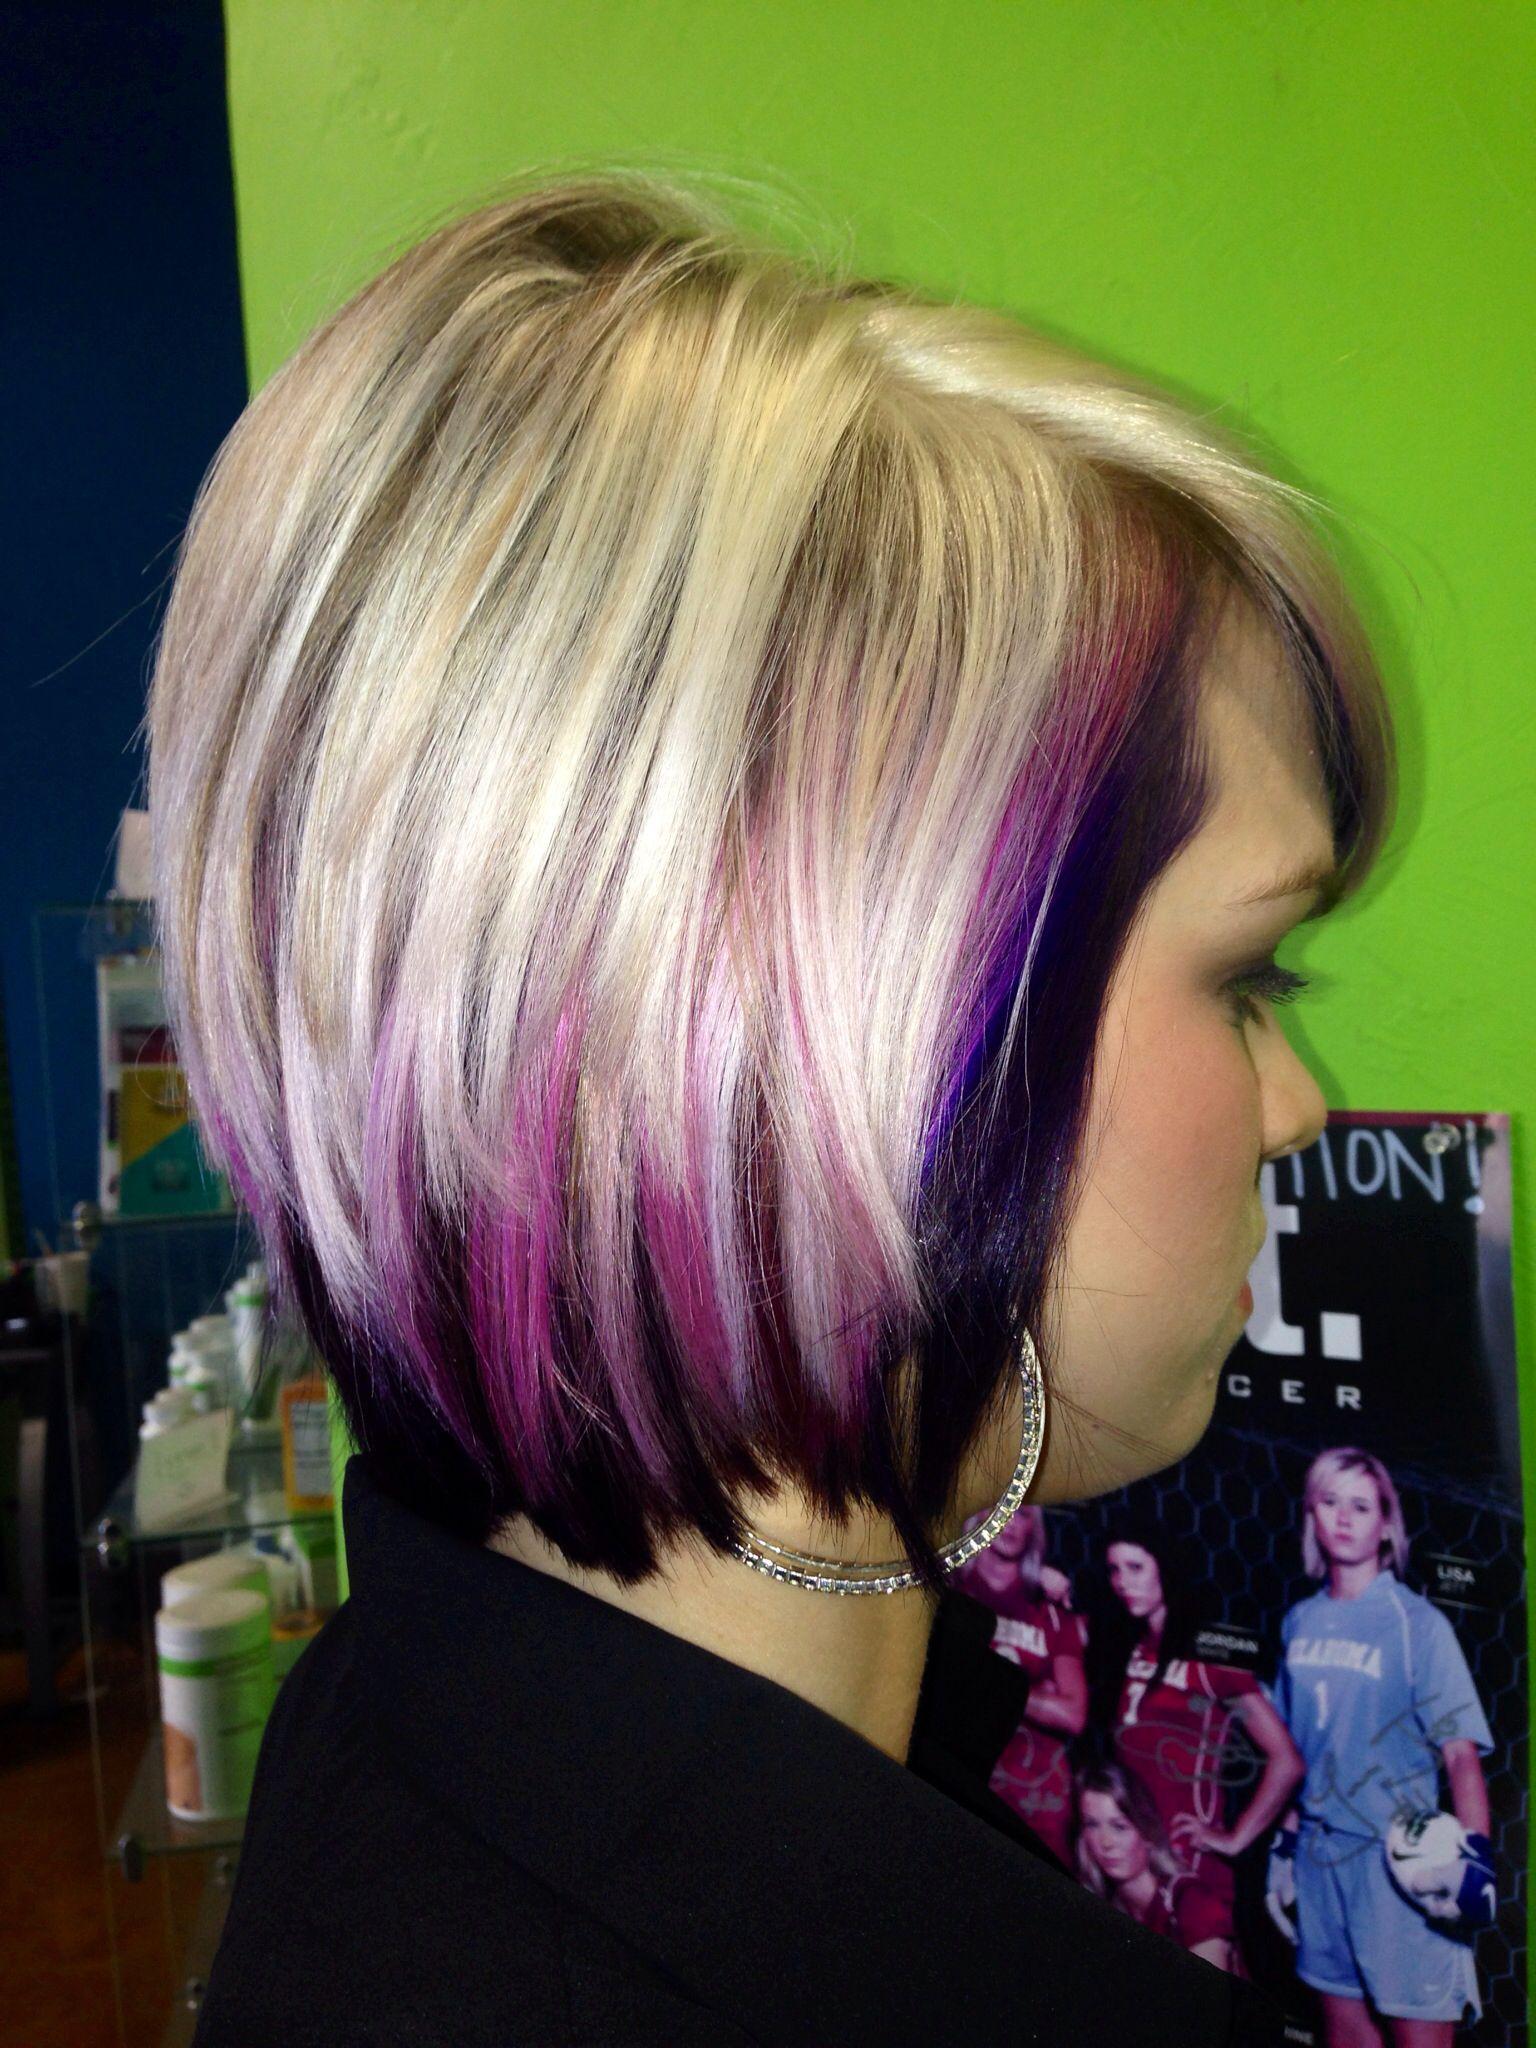 Pink Purple And Blonde Hair Hair Styles Peekaboo Hair Underlights Hair